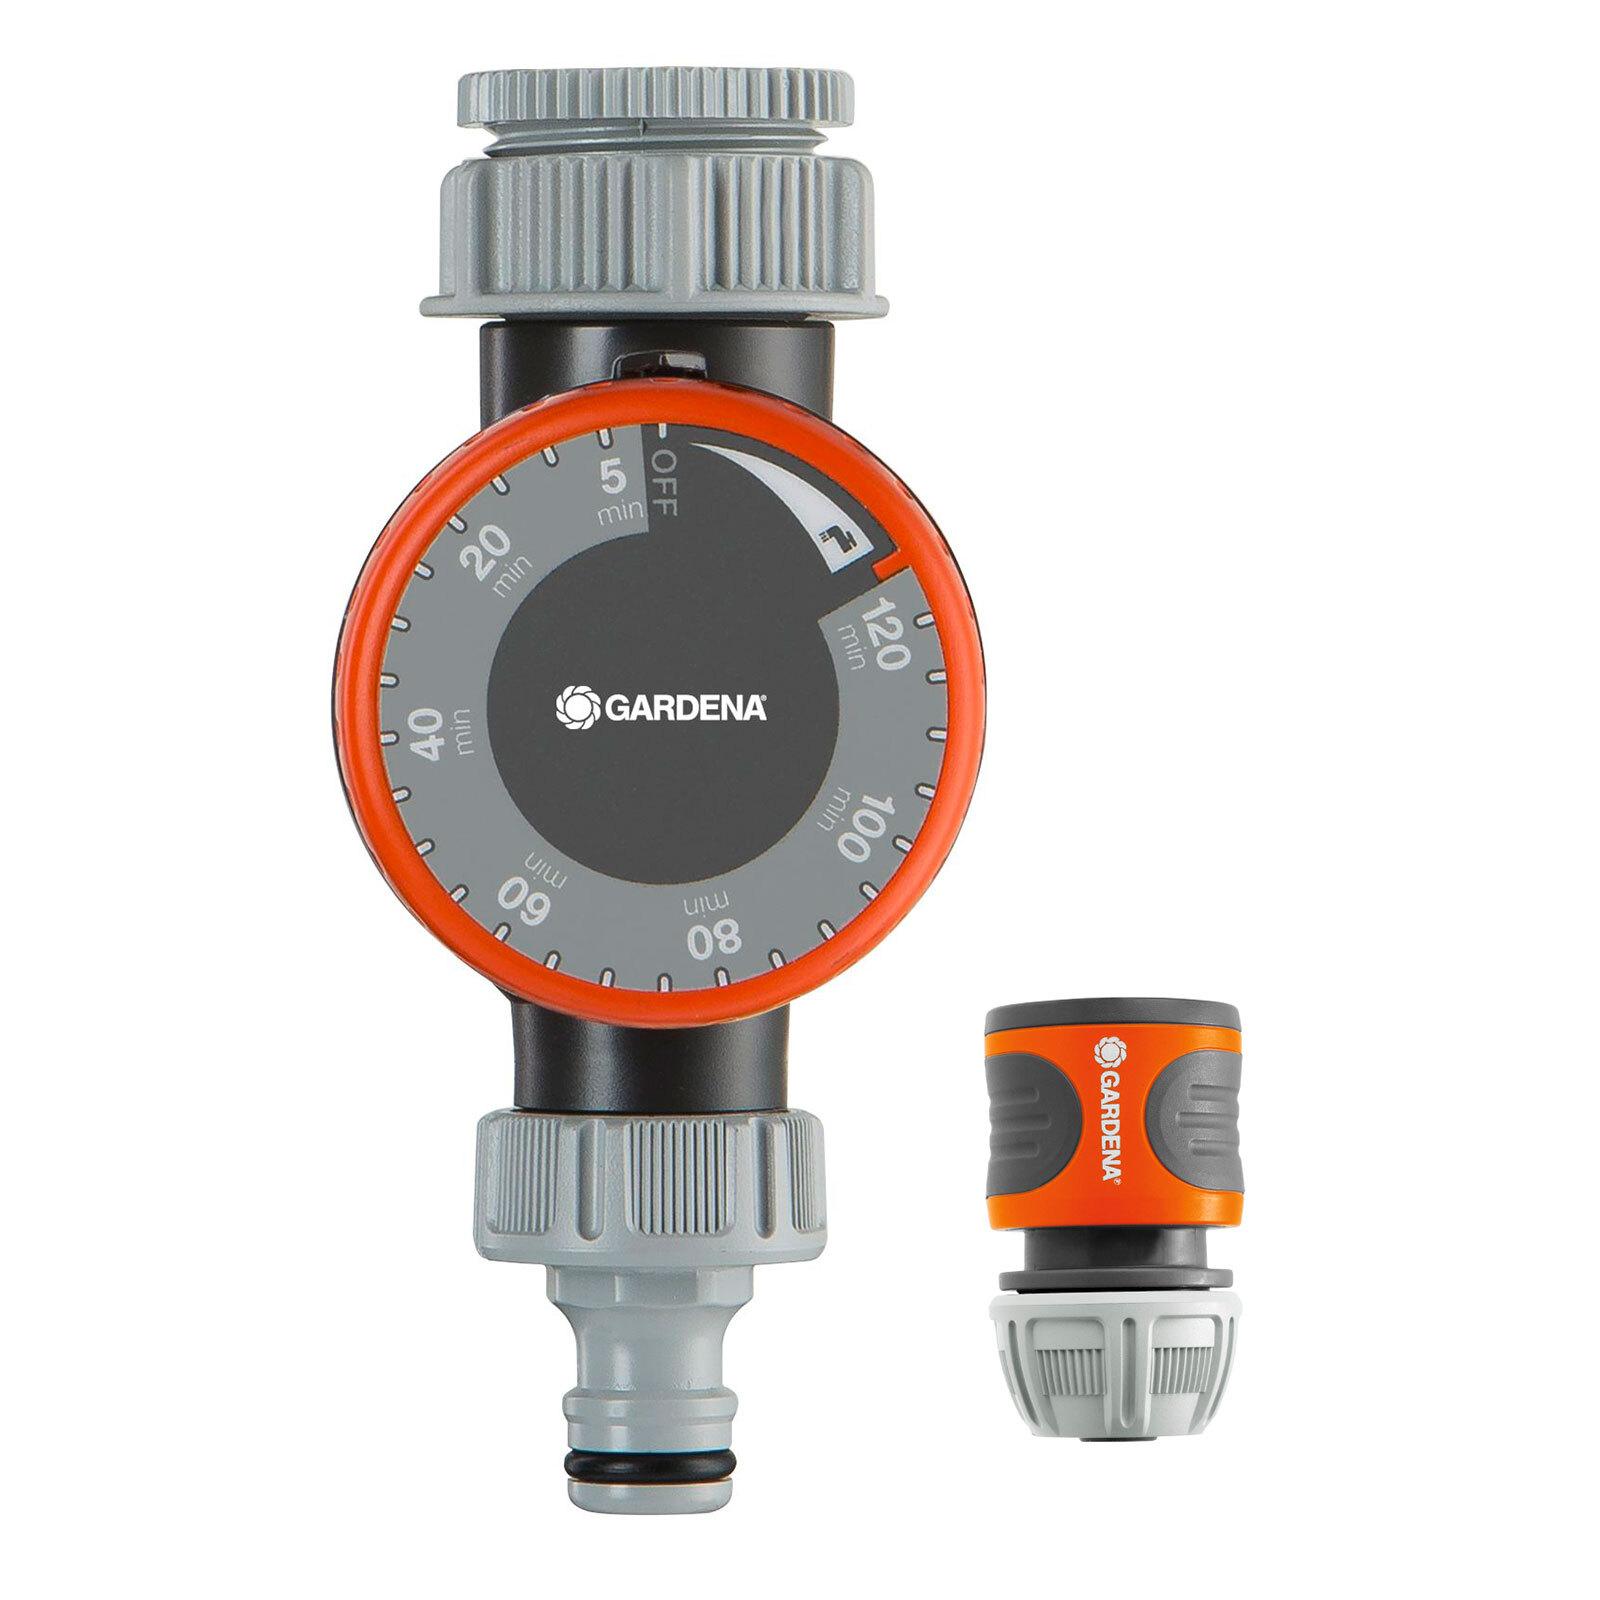 GARDENA 2hr Manual Water Timer